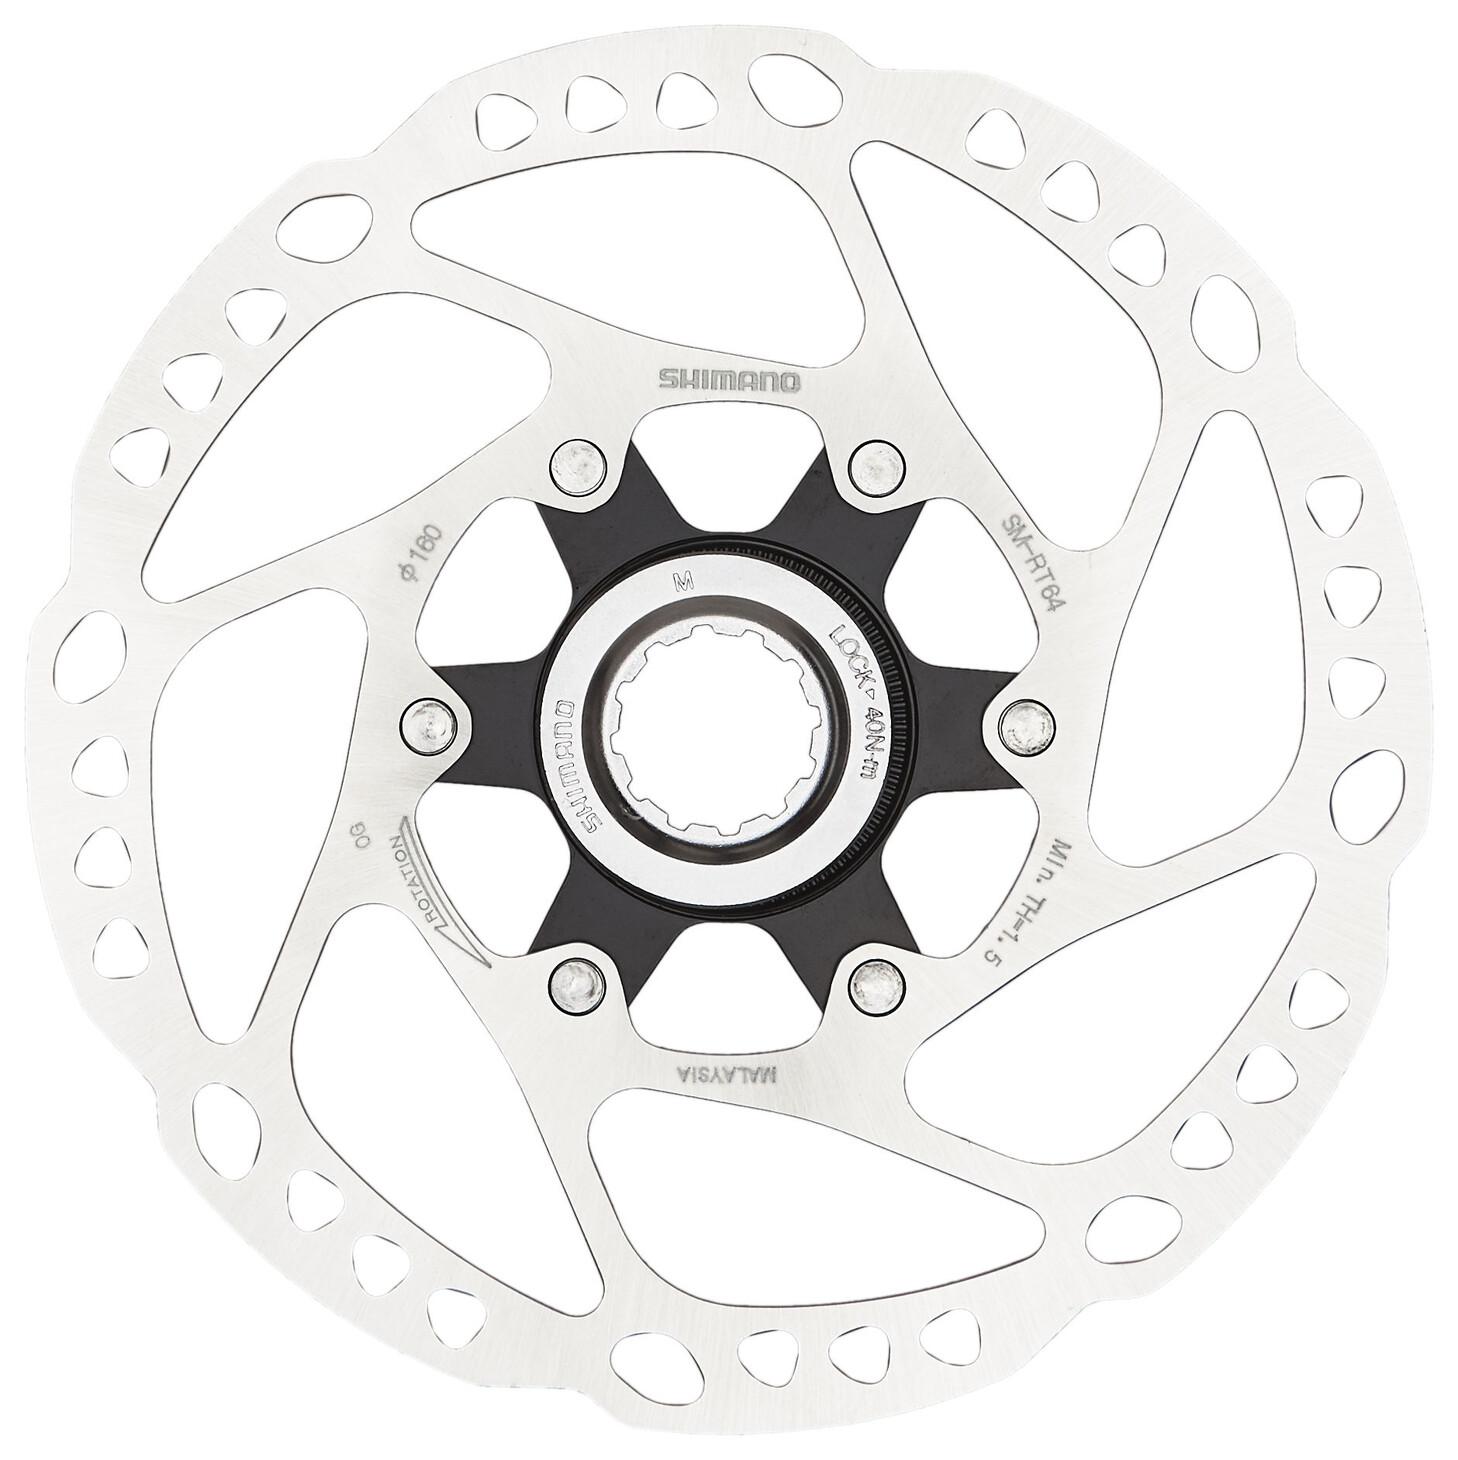 Shimano Deore SM-RT64 Bremseskive Center-Lock (2019) | Brake pads